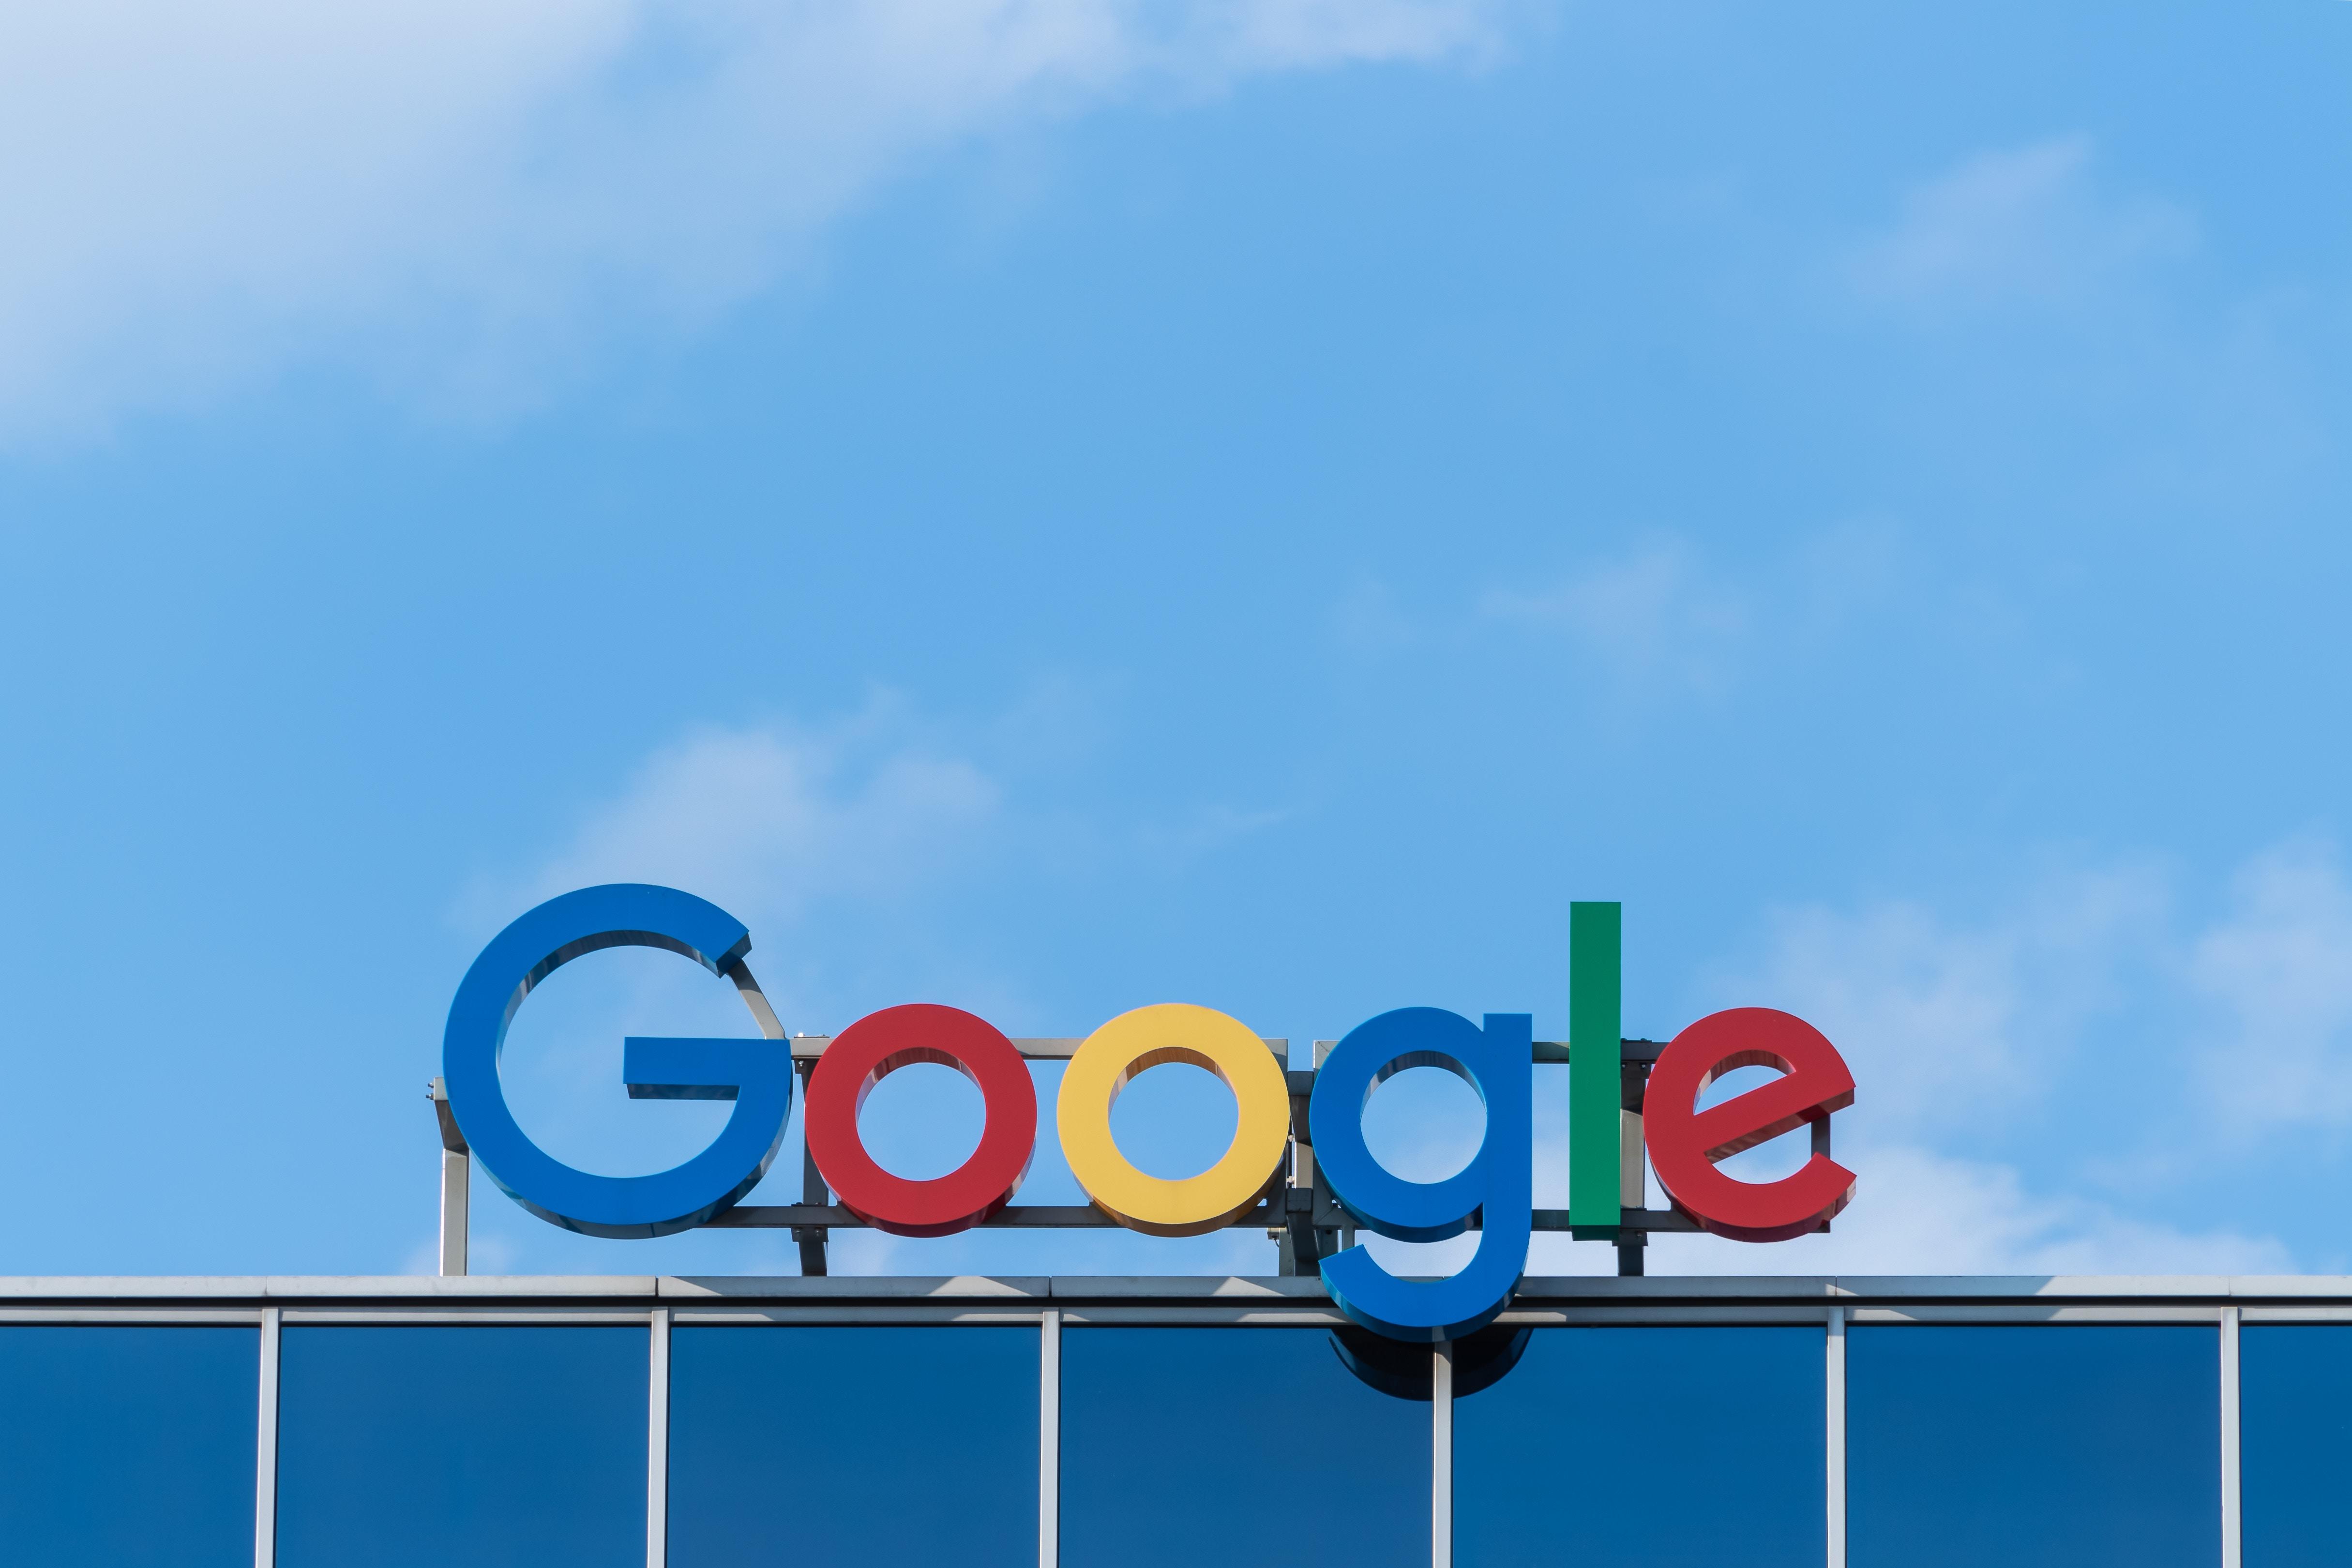 The Google logo, atop a building